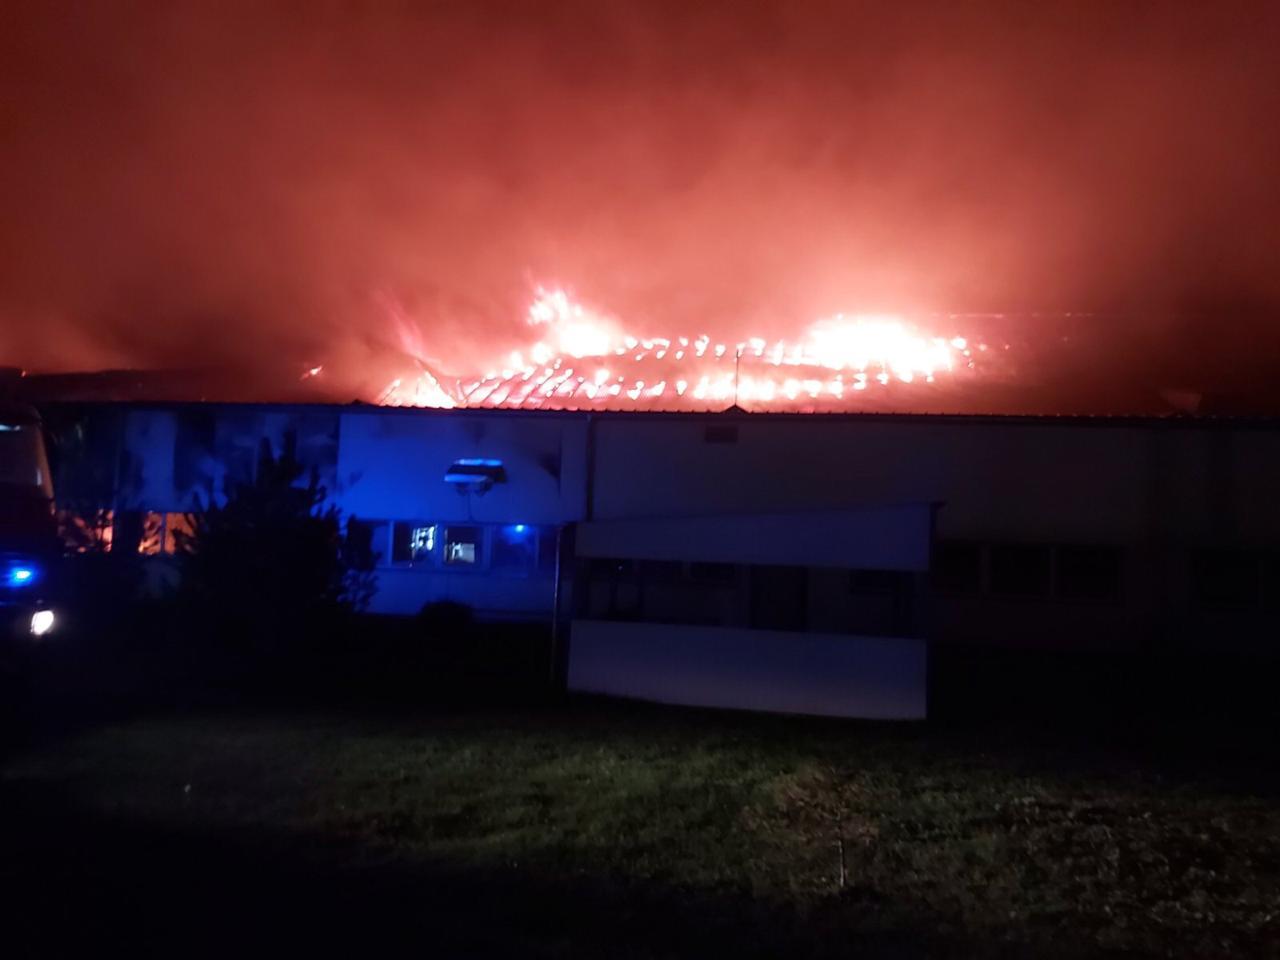 Велика пожежа у Мукачеві на території відомої фабрики: вогонь гасять 127 людей